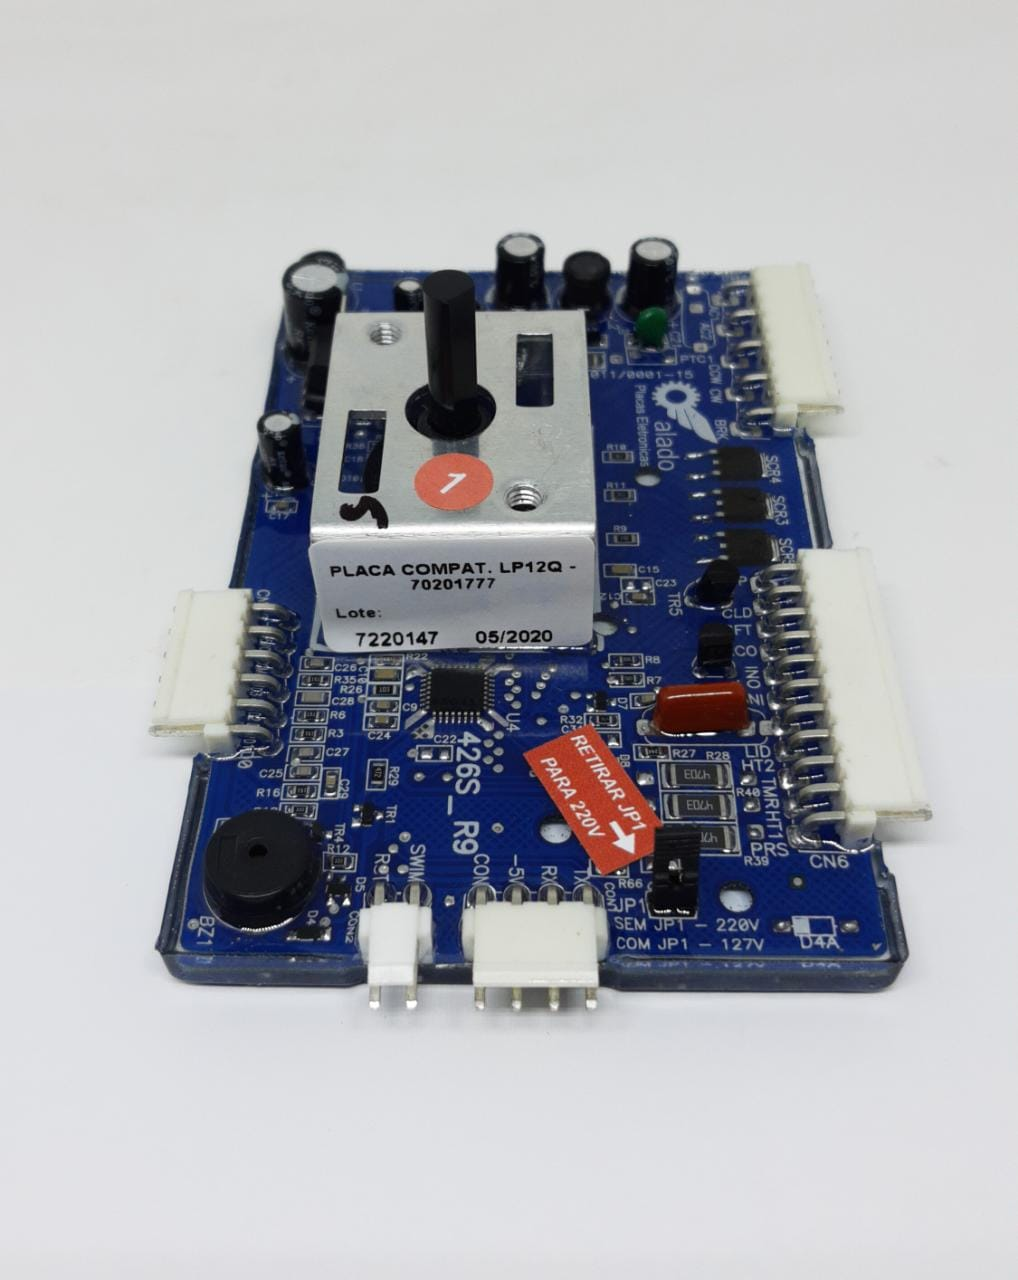 Placa Potencia Electrolux Lp12q 70201777 - Alado